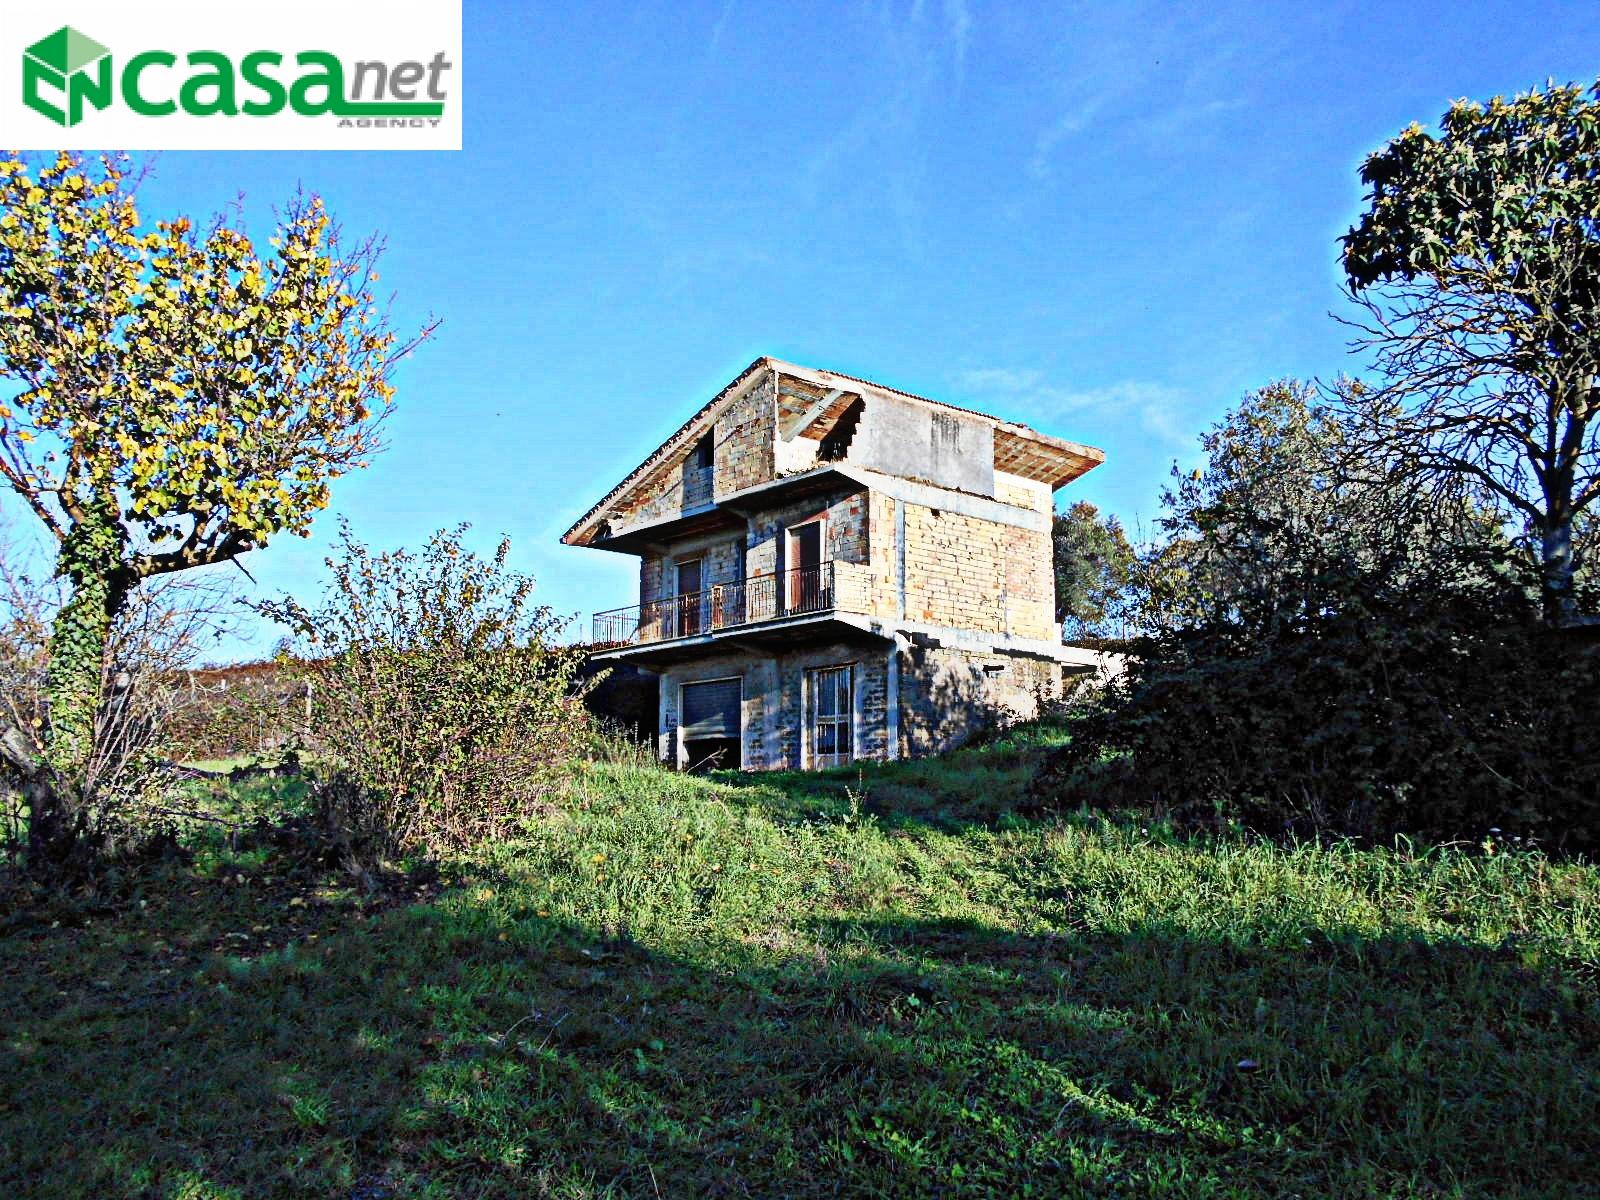 Soluzione Indipendente in vendita a Guidonia Montecelio, 4 locali, zona Zona: Guidonia, prezzo € 159.000 | Cambio Casa.it